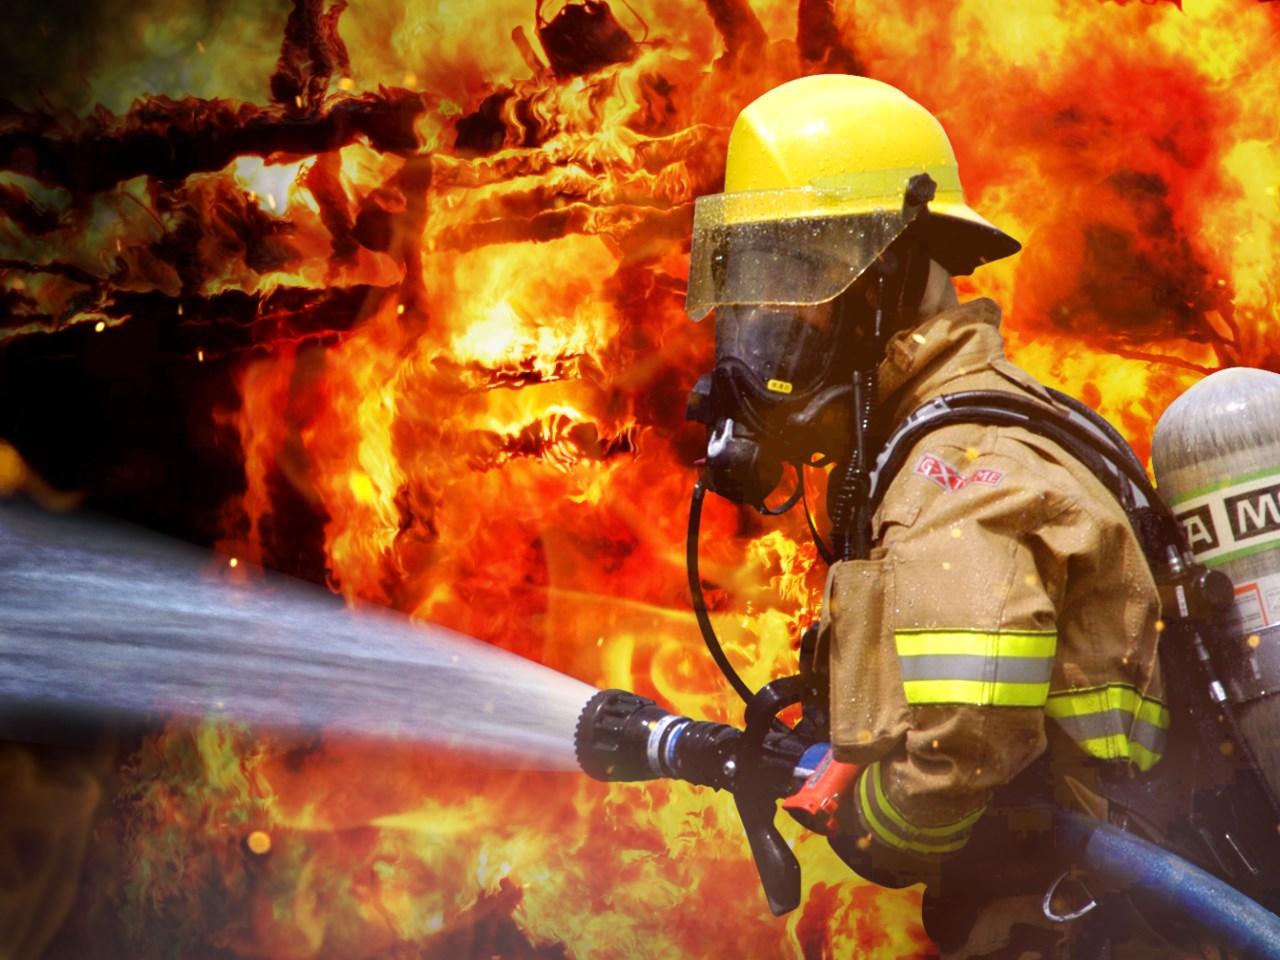 Fire_1524447068511.jpg